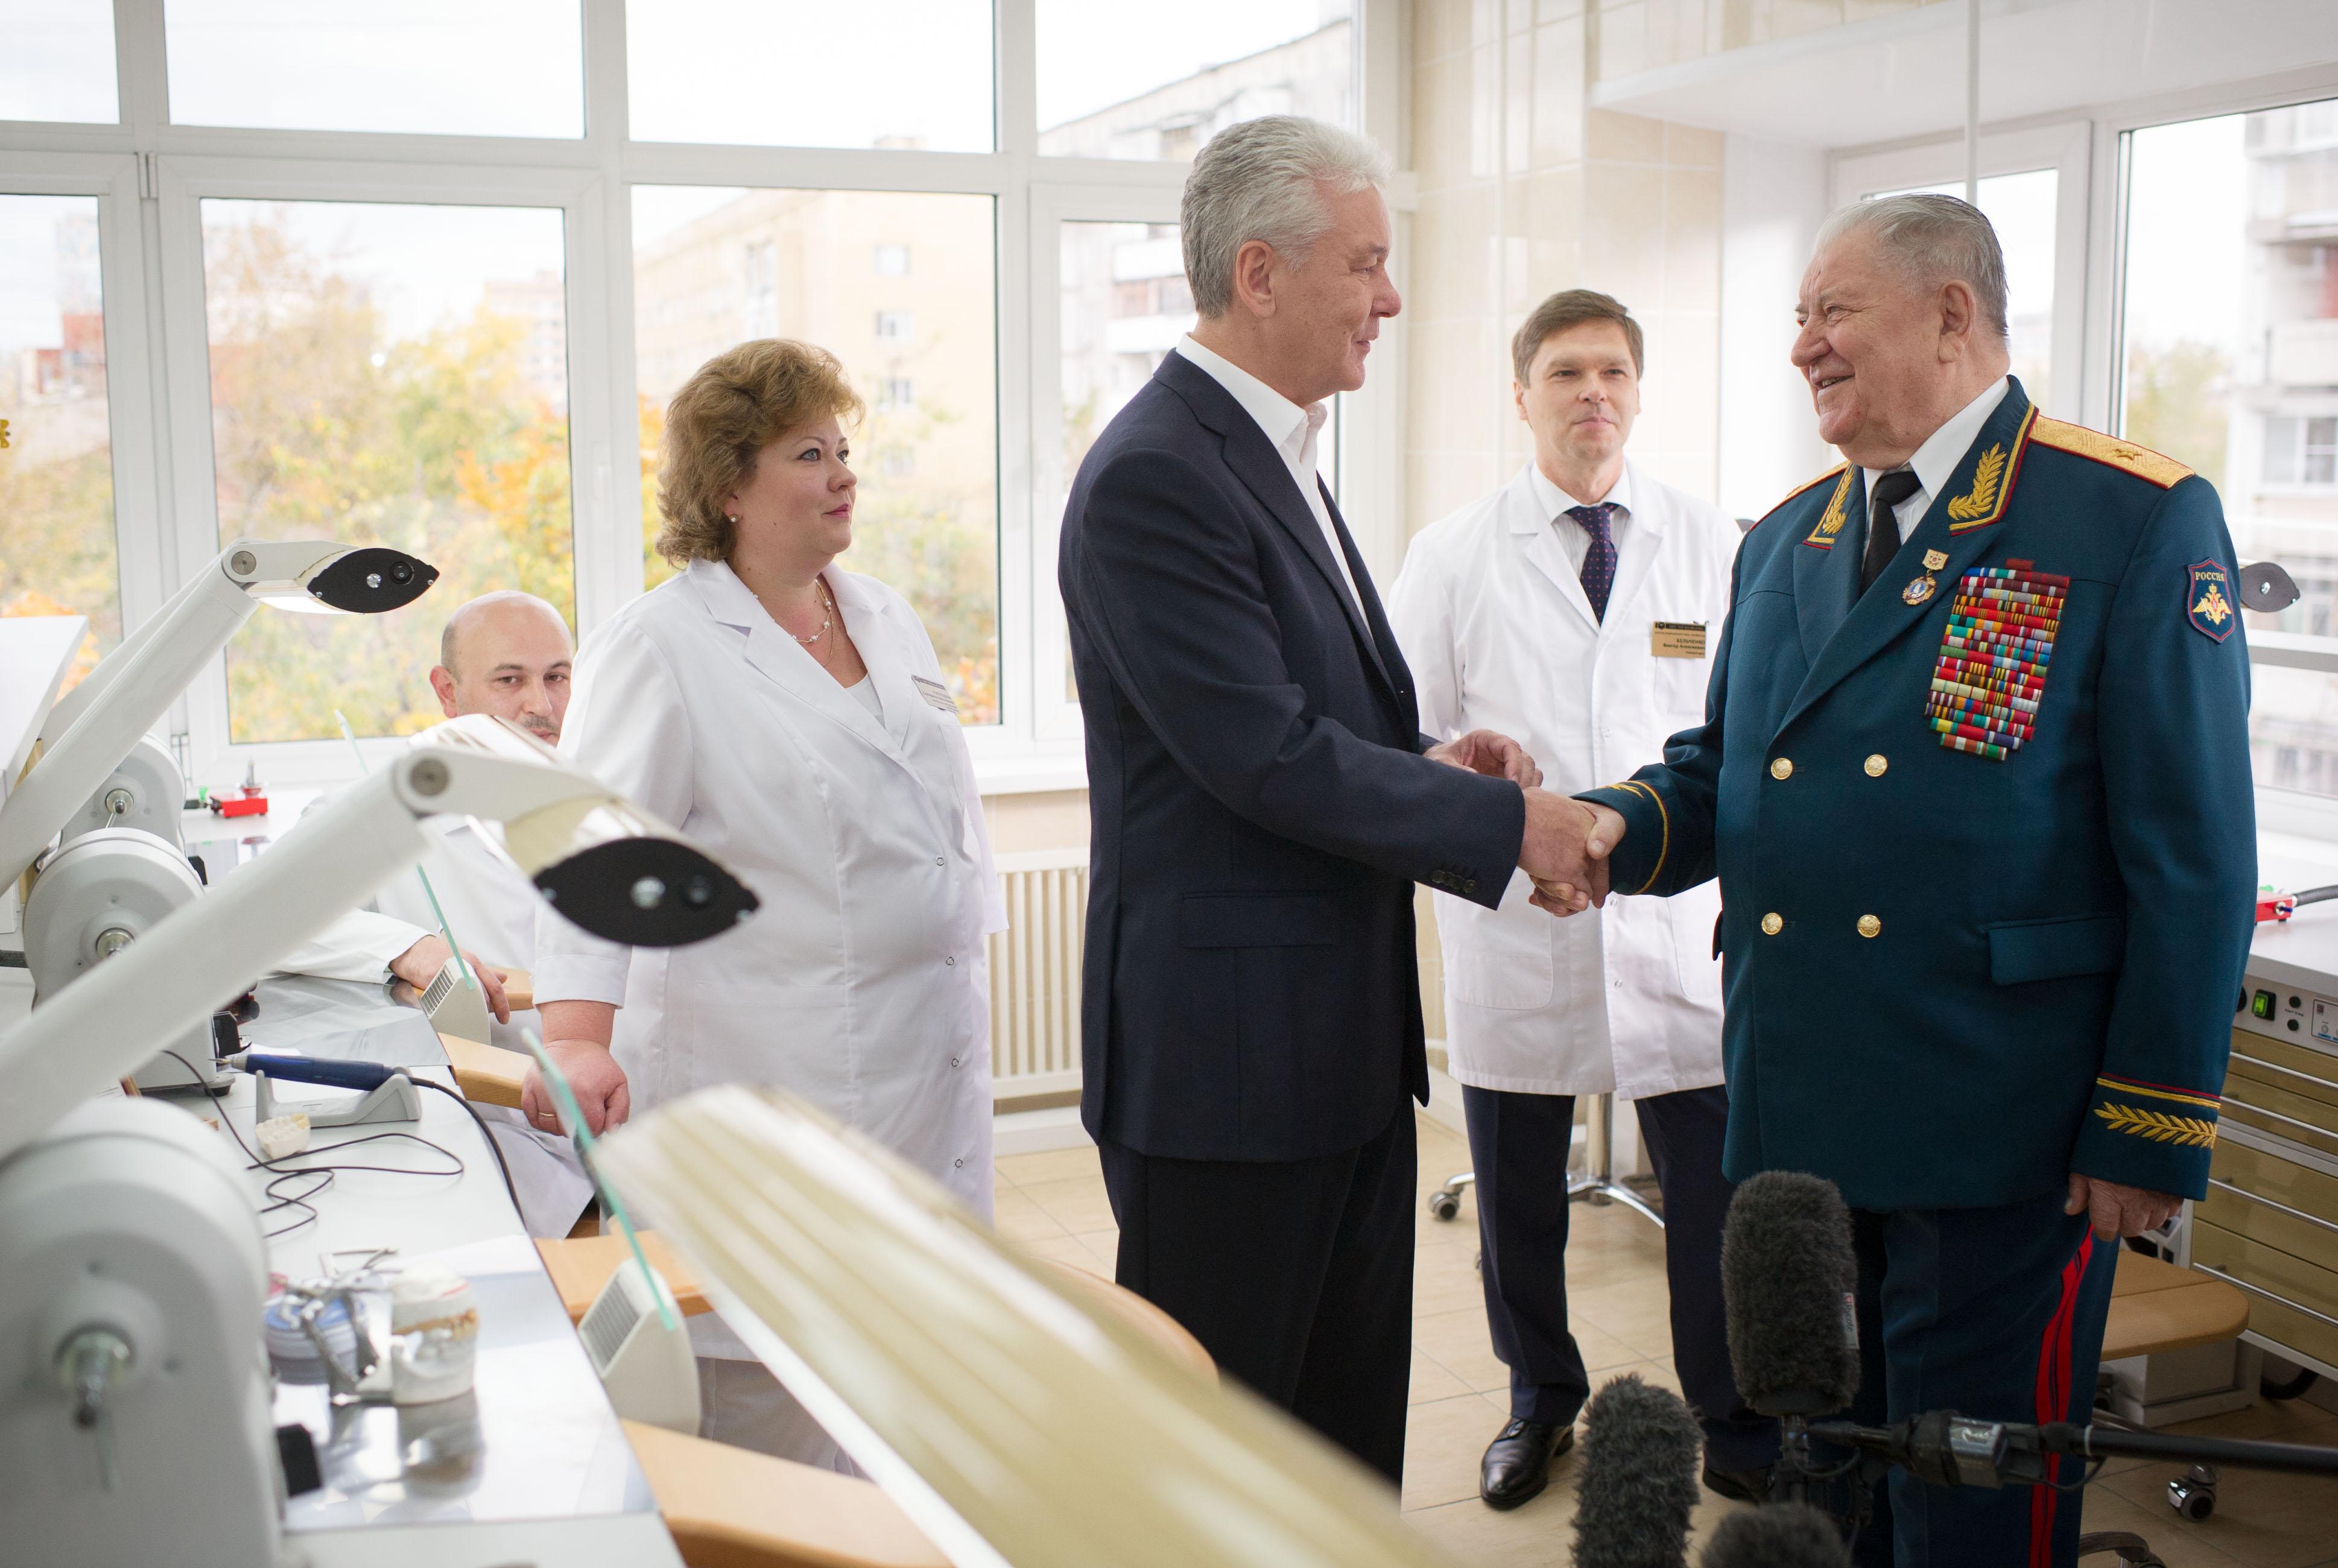 Сергей Собянин посетил обновлённый госпиталь челюстно-лицевой хирургии